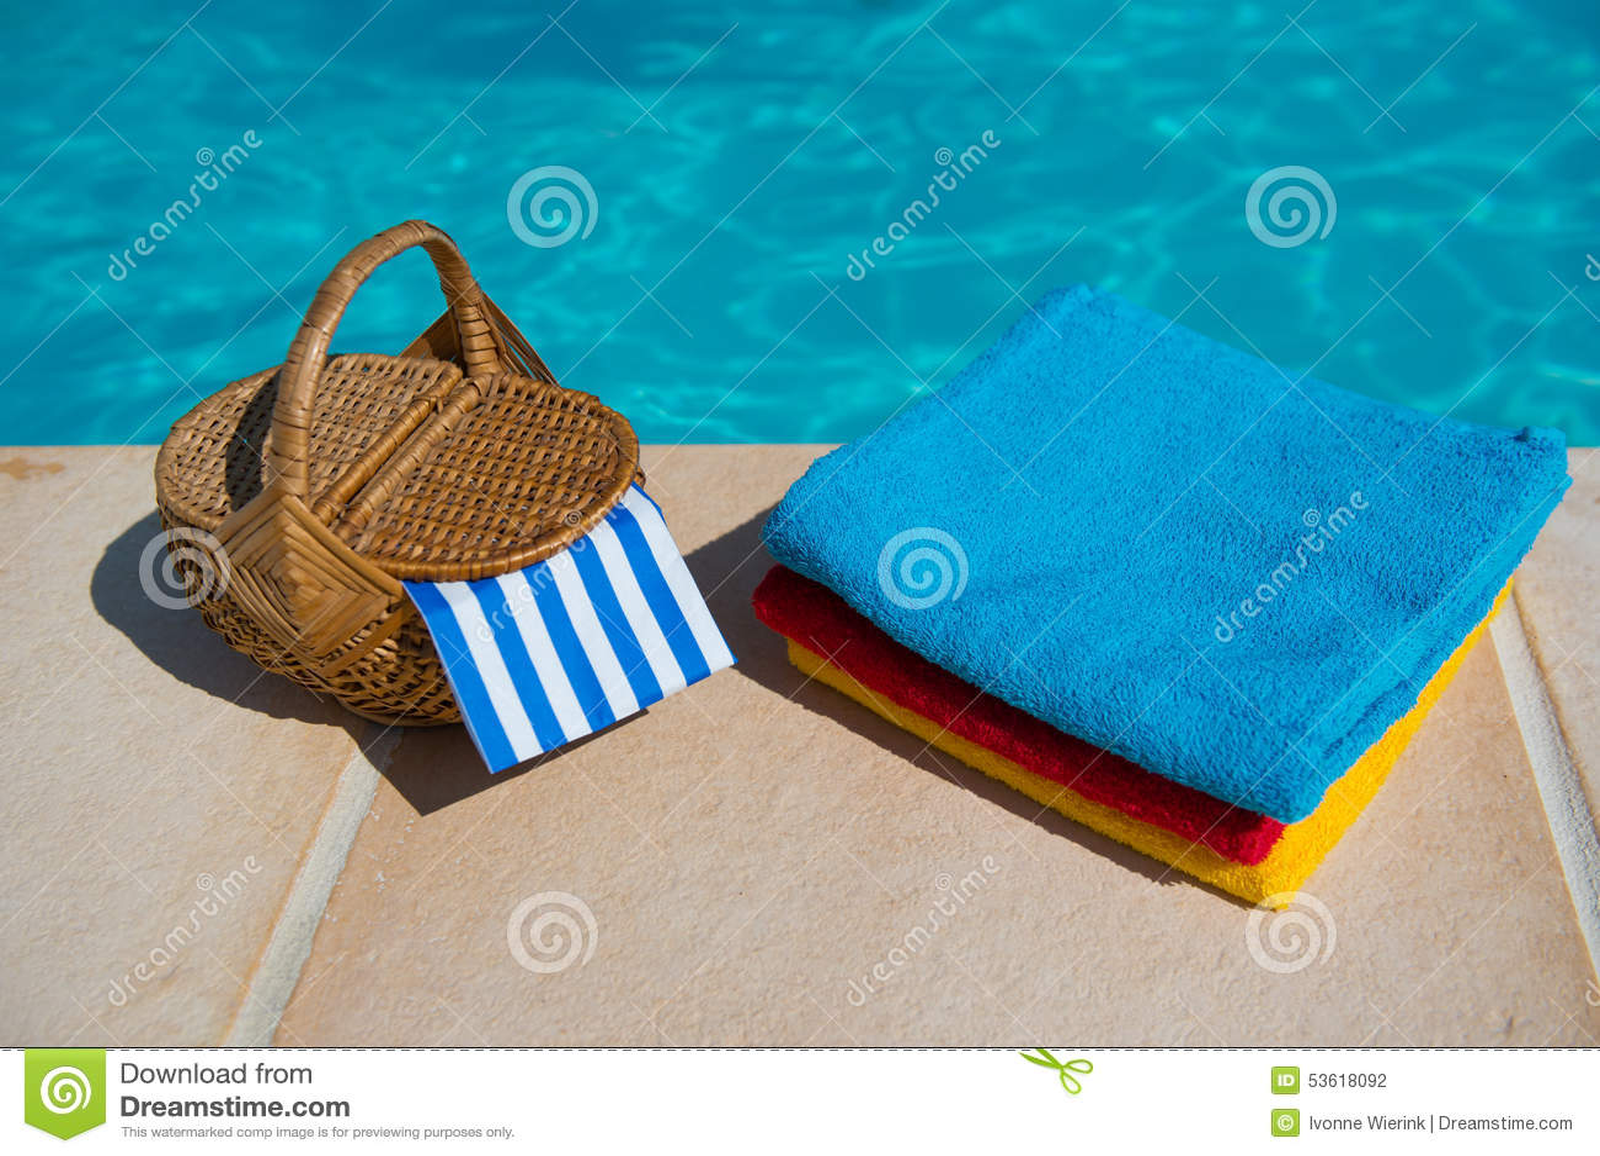 Toallas en la piscina foto de archivo imagen 53618092 for Toallas piscina